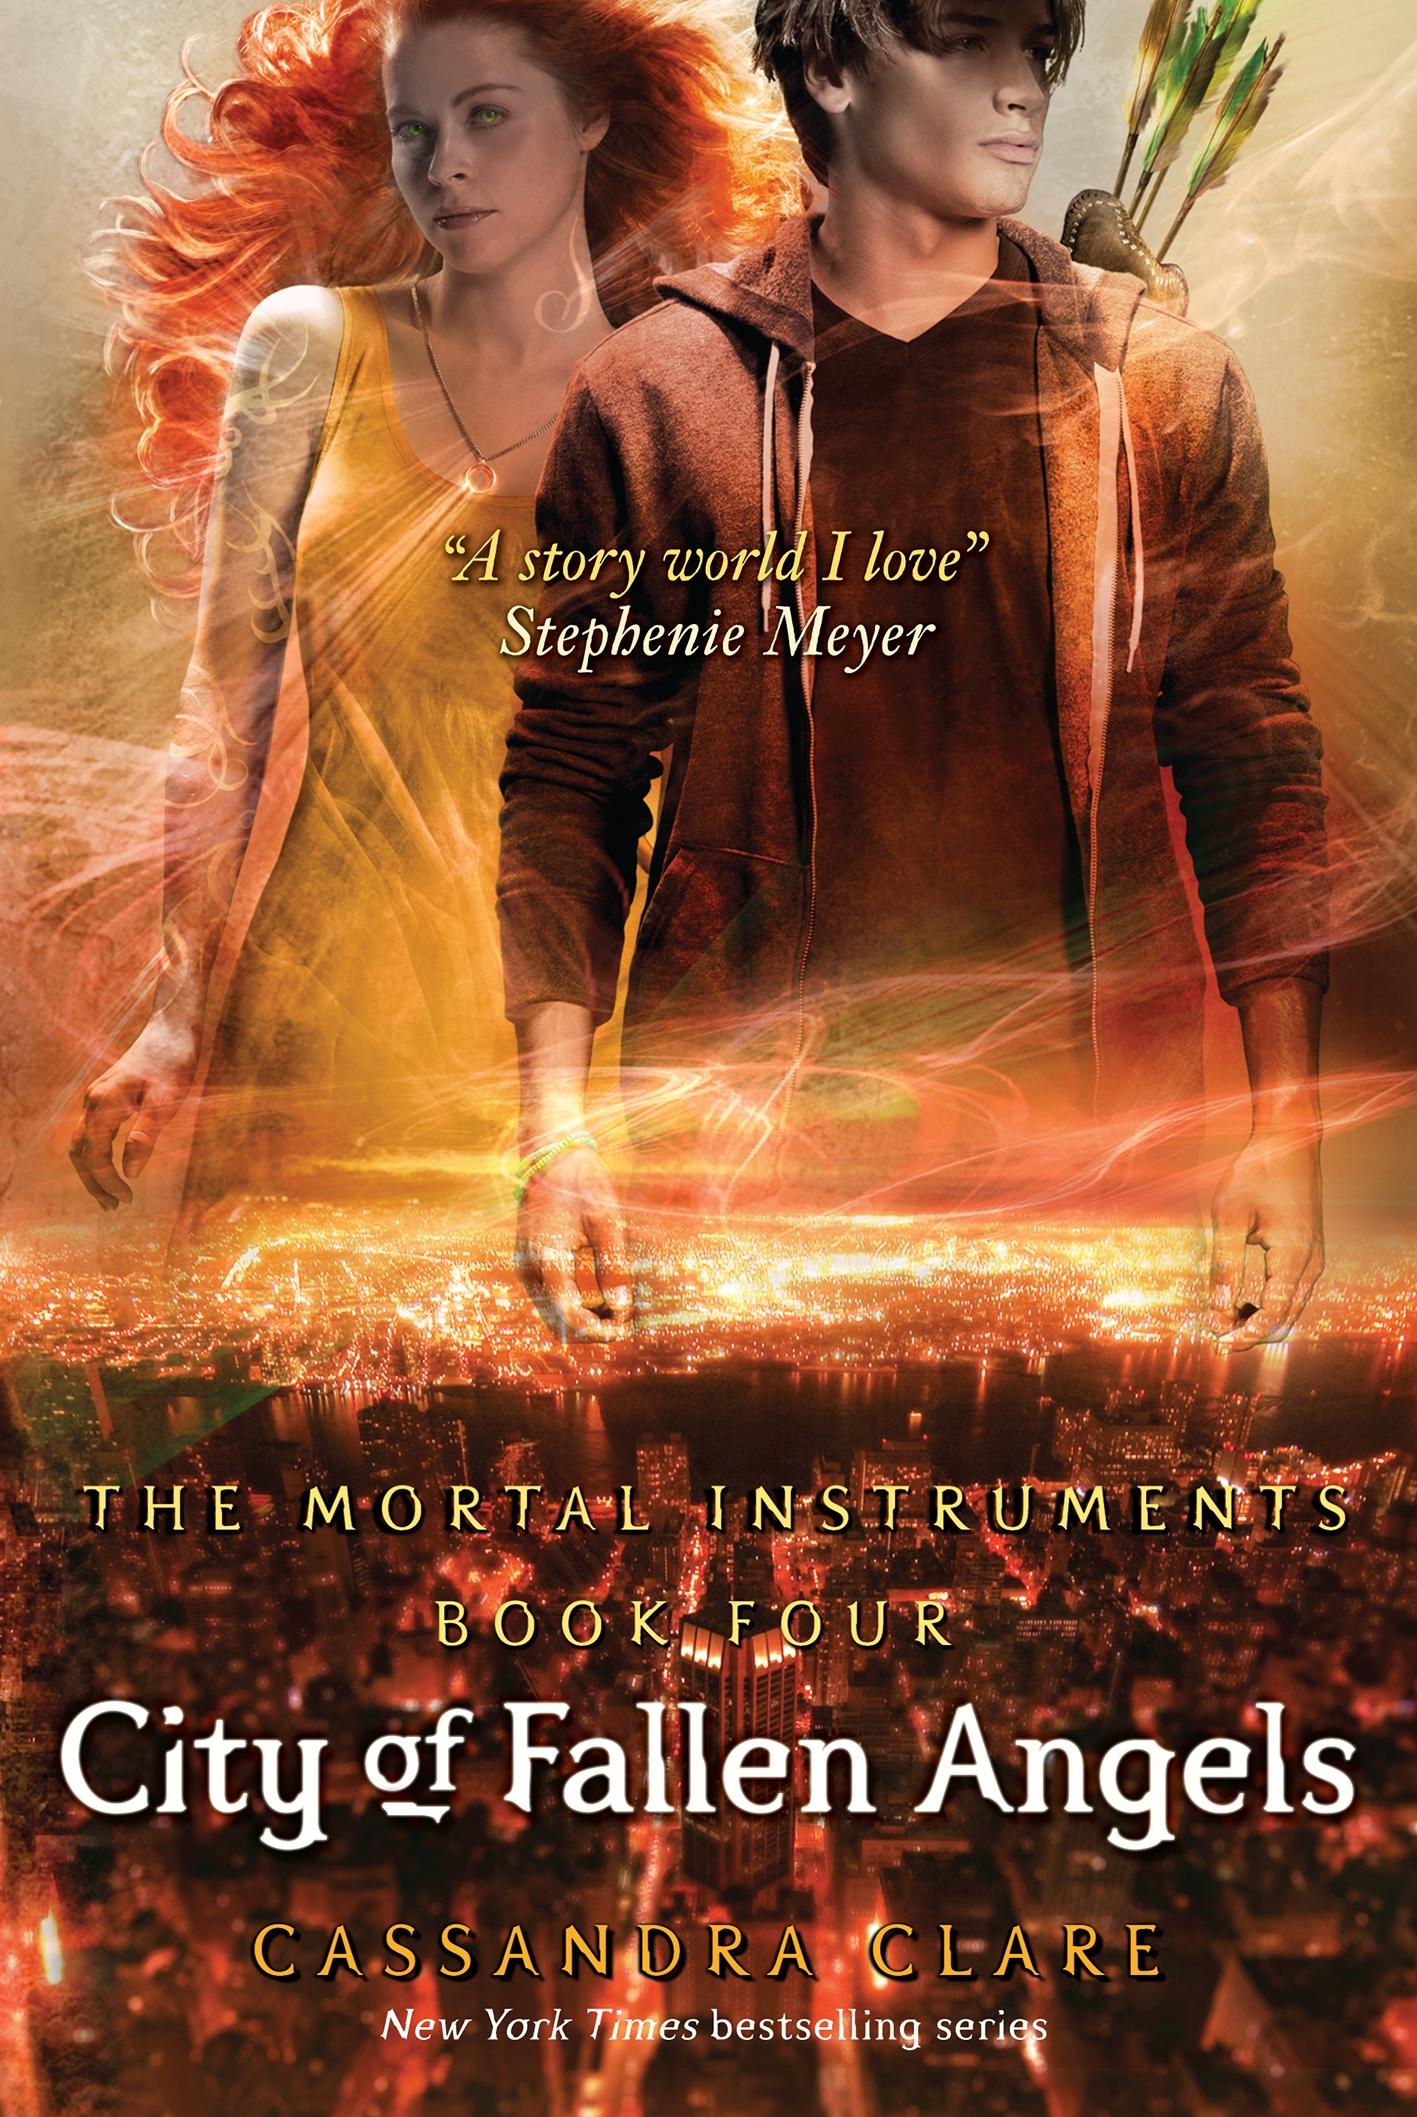 cassandra-clare-city-fallen-angels.jpg